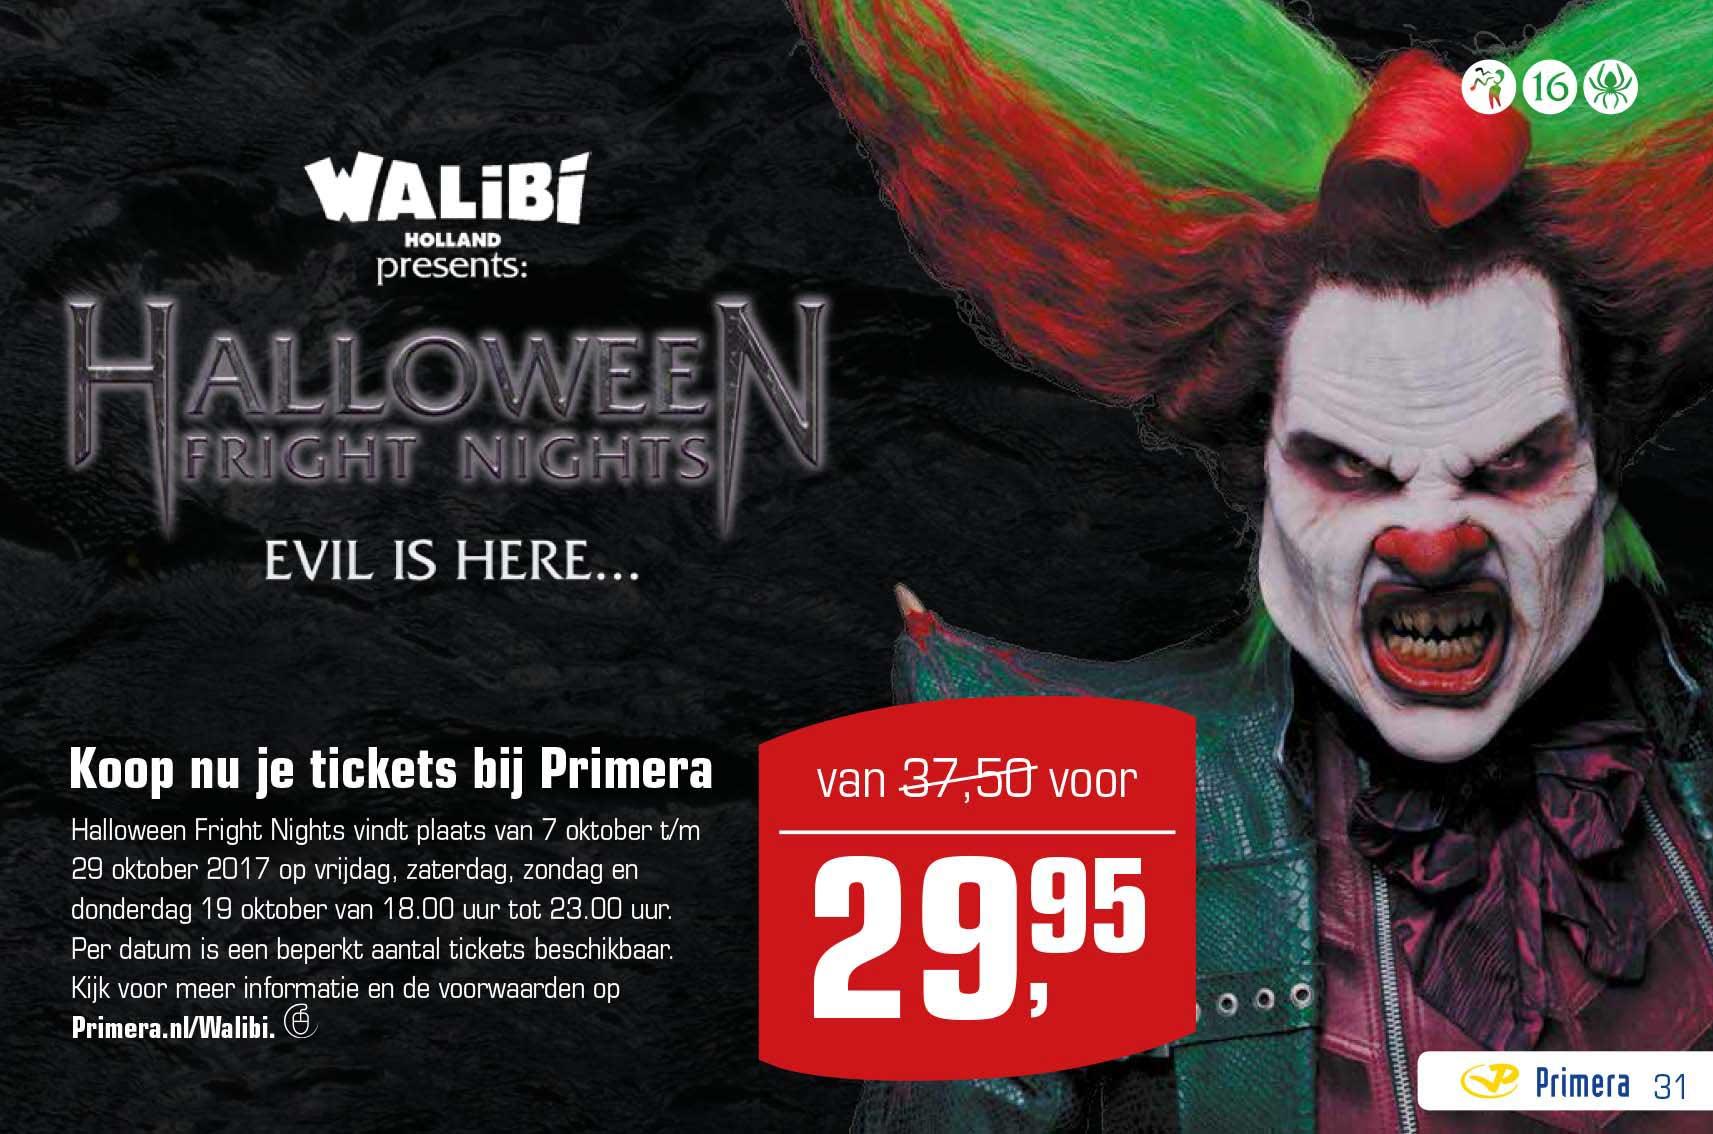 Primera Walibi Halloween Fright Nights Tickets: Van €37,50 Voor €29,95